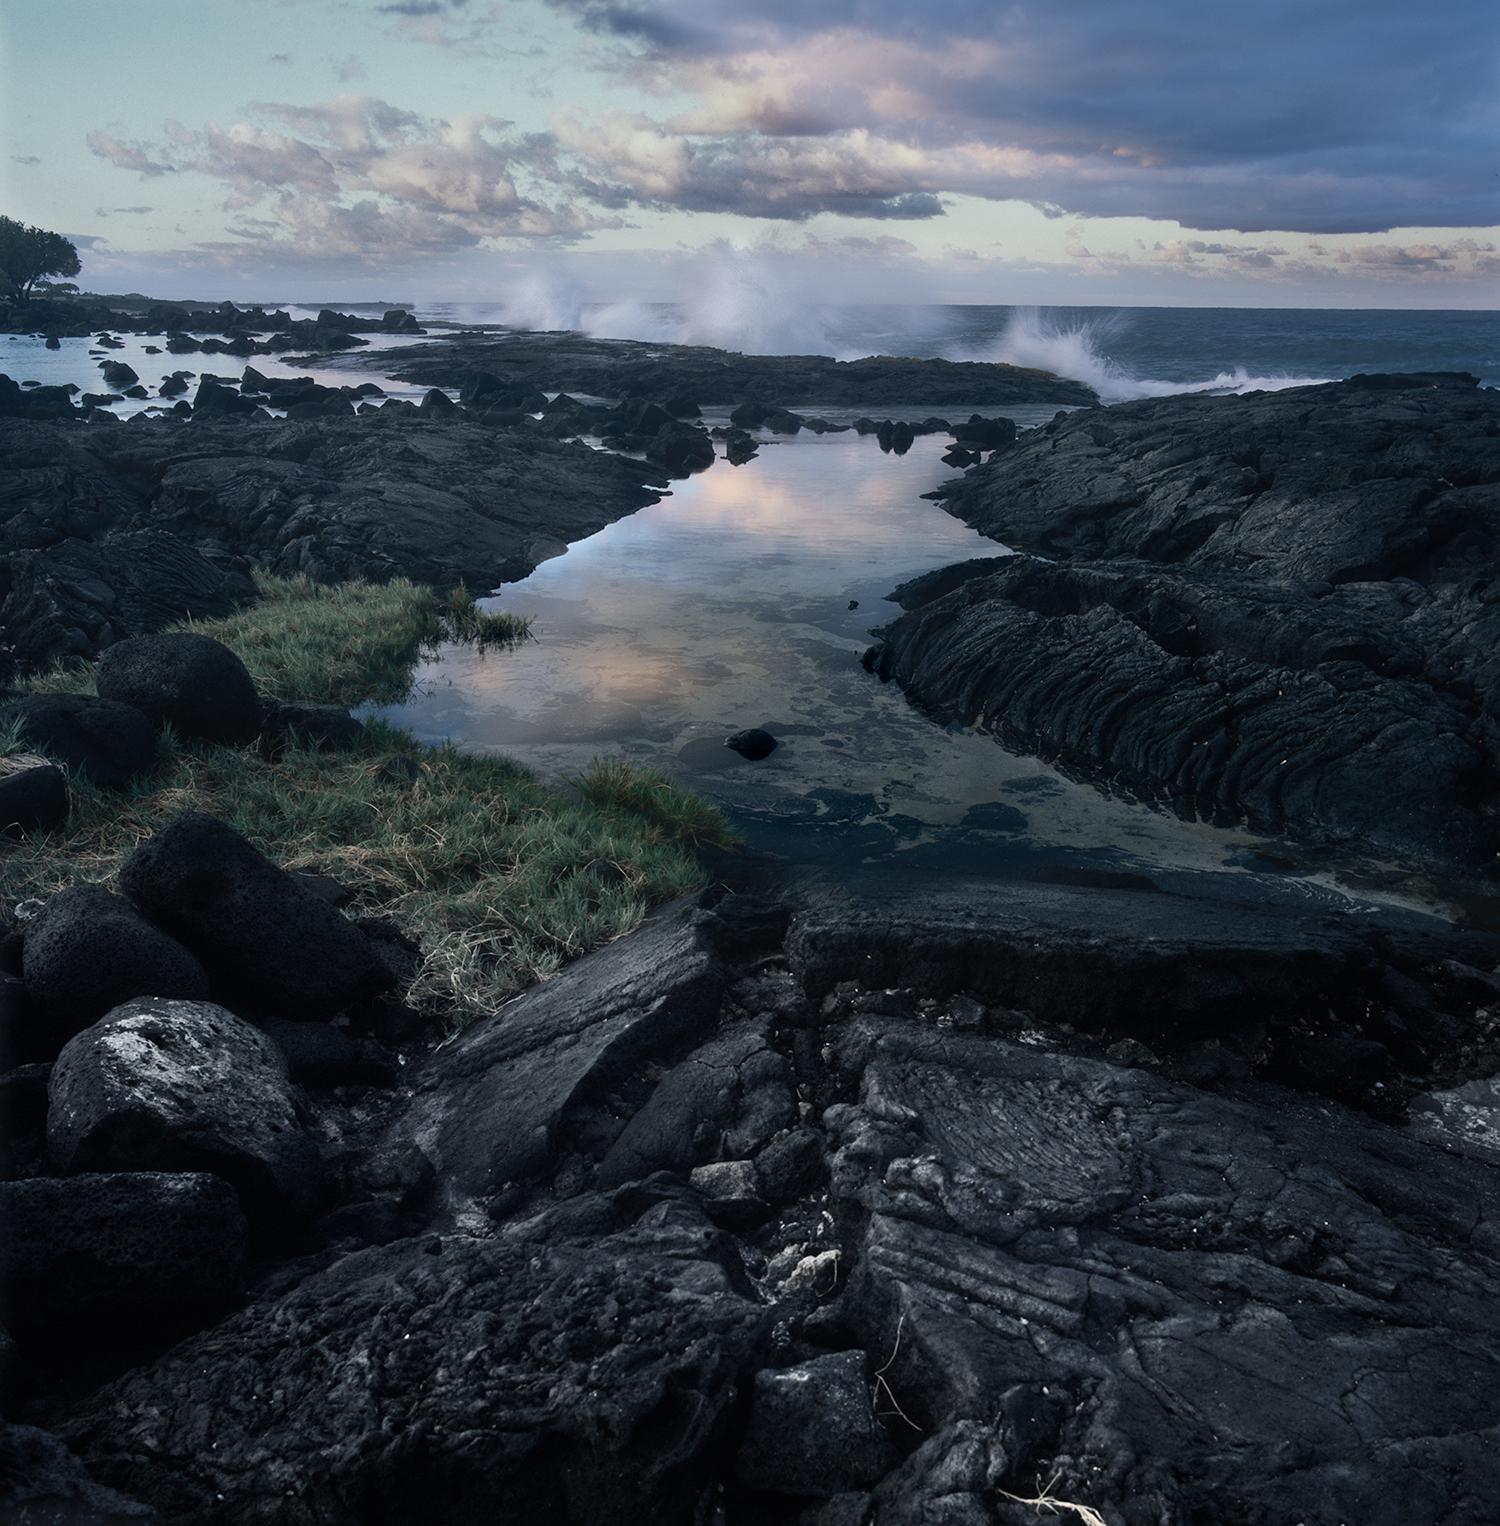 Wawaloli Cloud Reflection